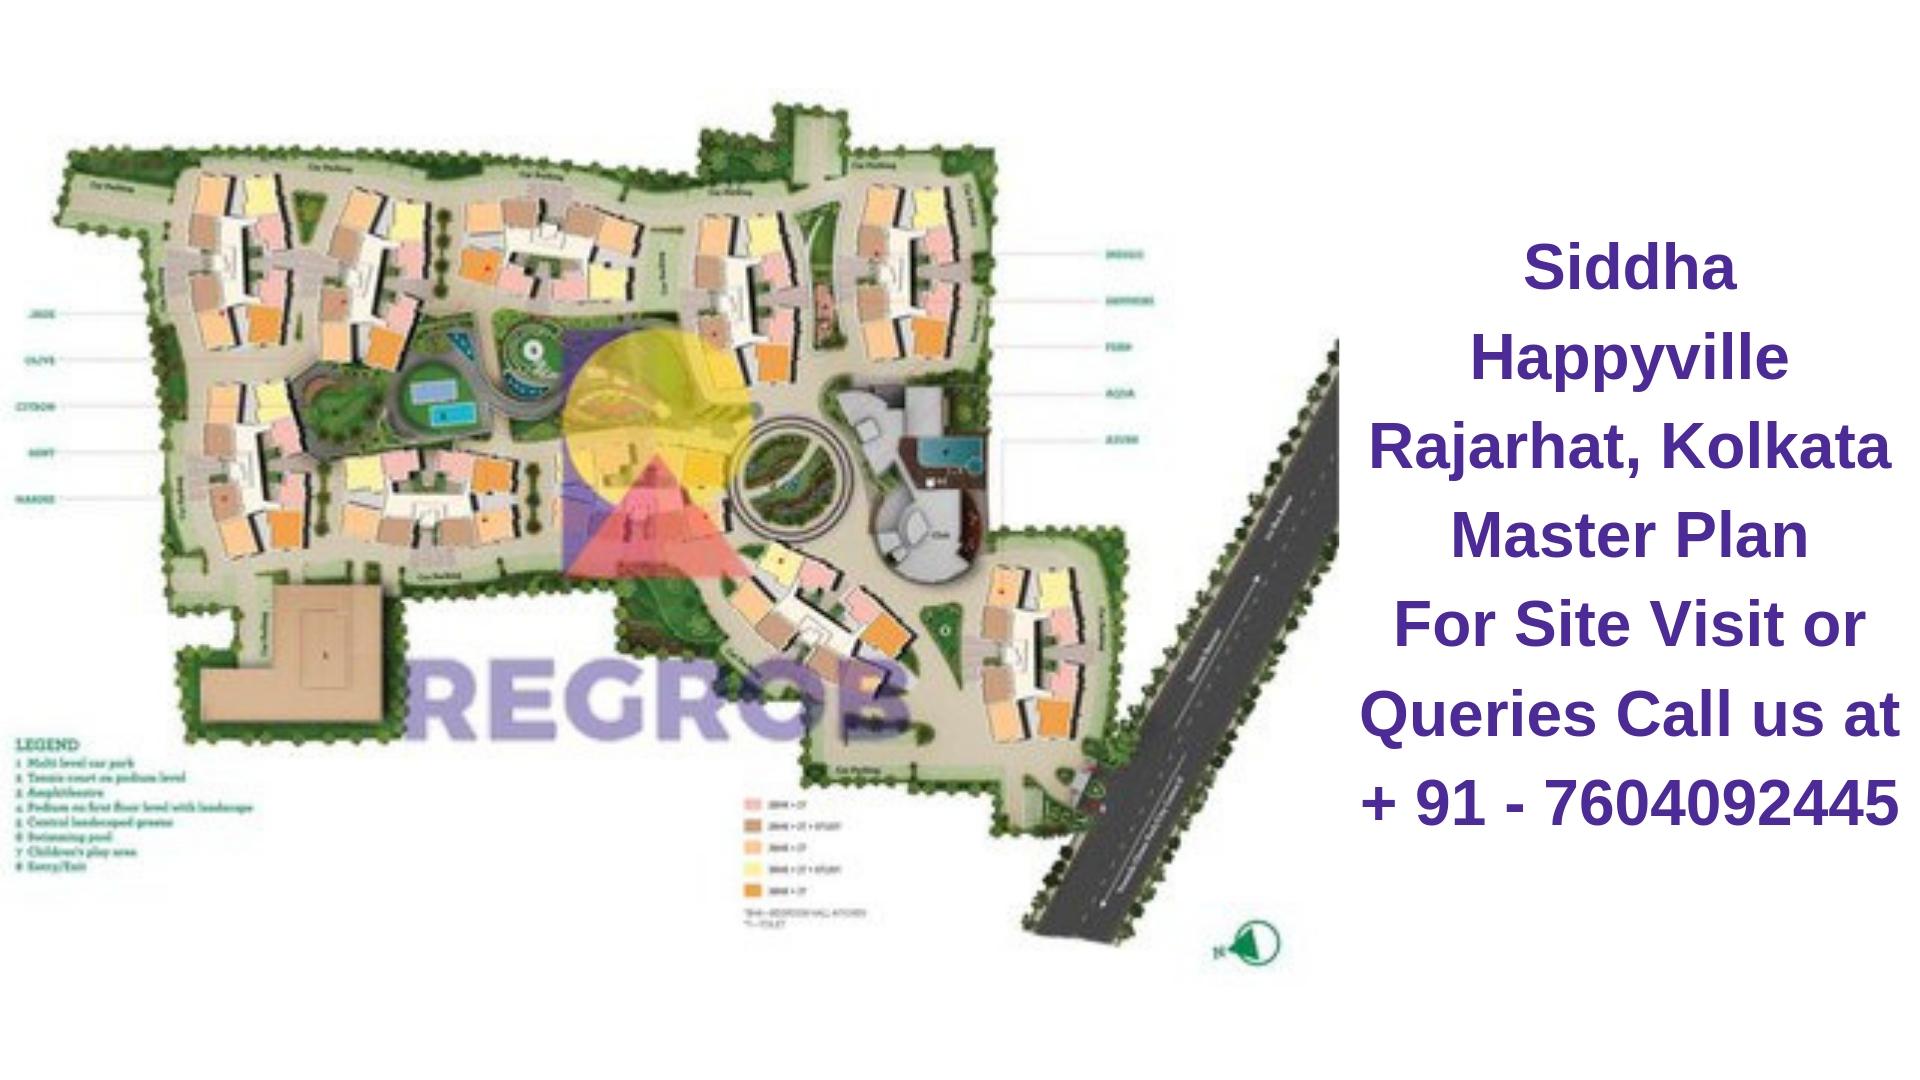 Siddha Happyville Rajarhat, Kolkata Master Plan